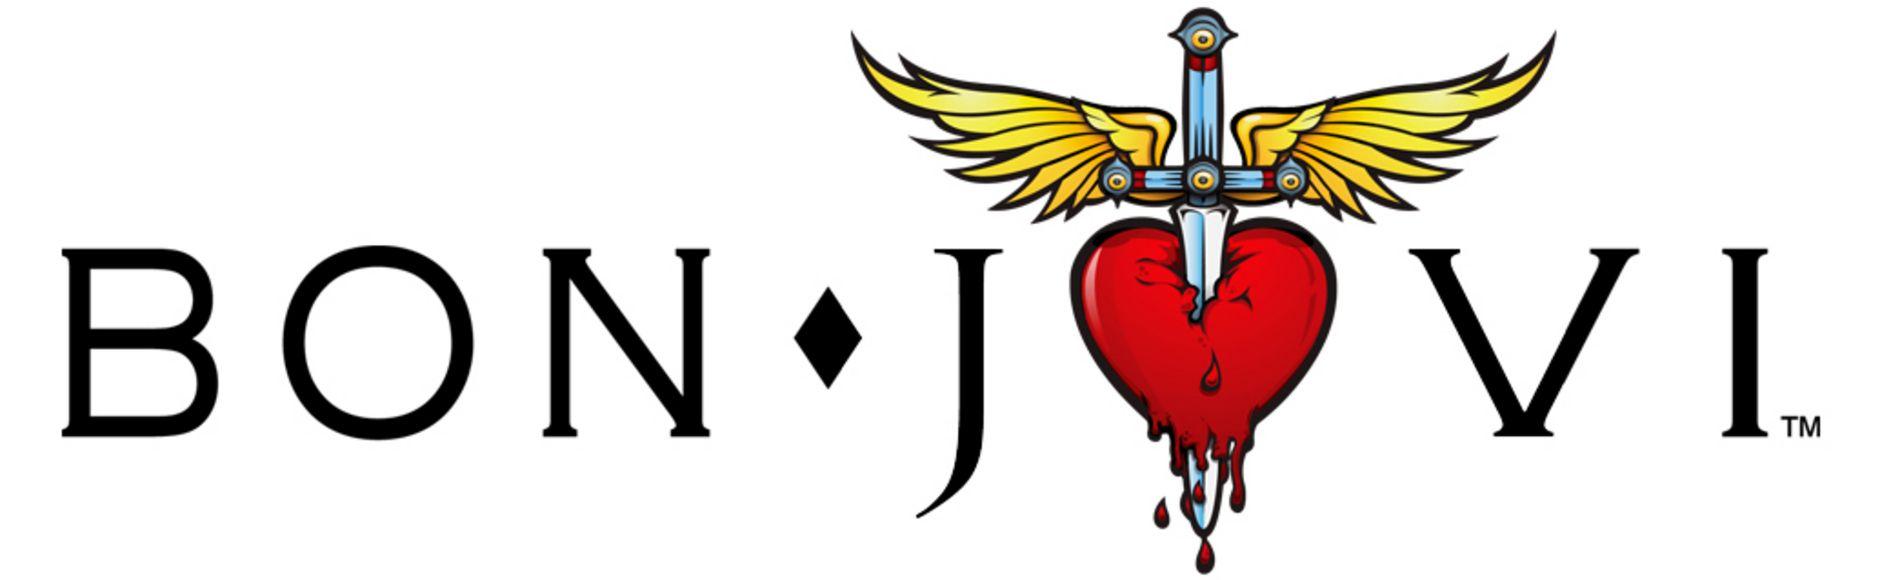 Bon Jovi With Images Jon Bon Jovi Bon Jovi Bon Jovi 80s